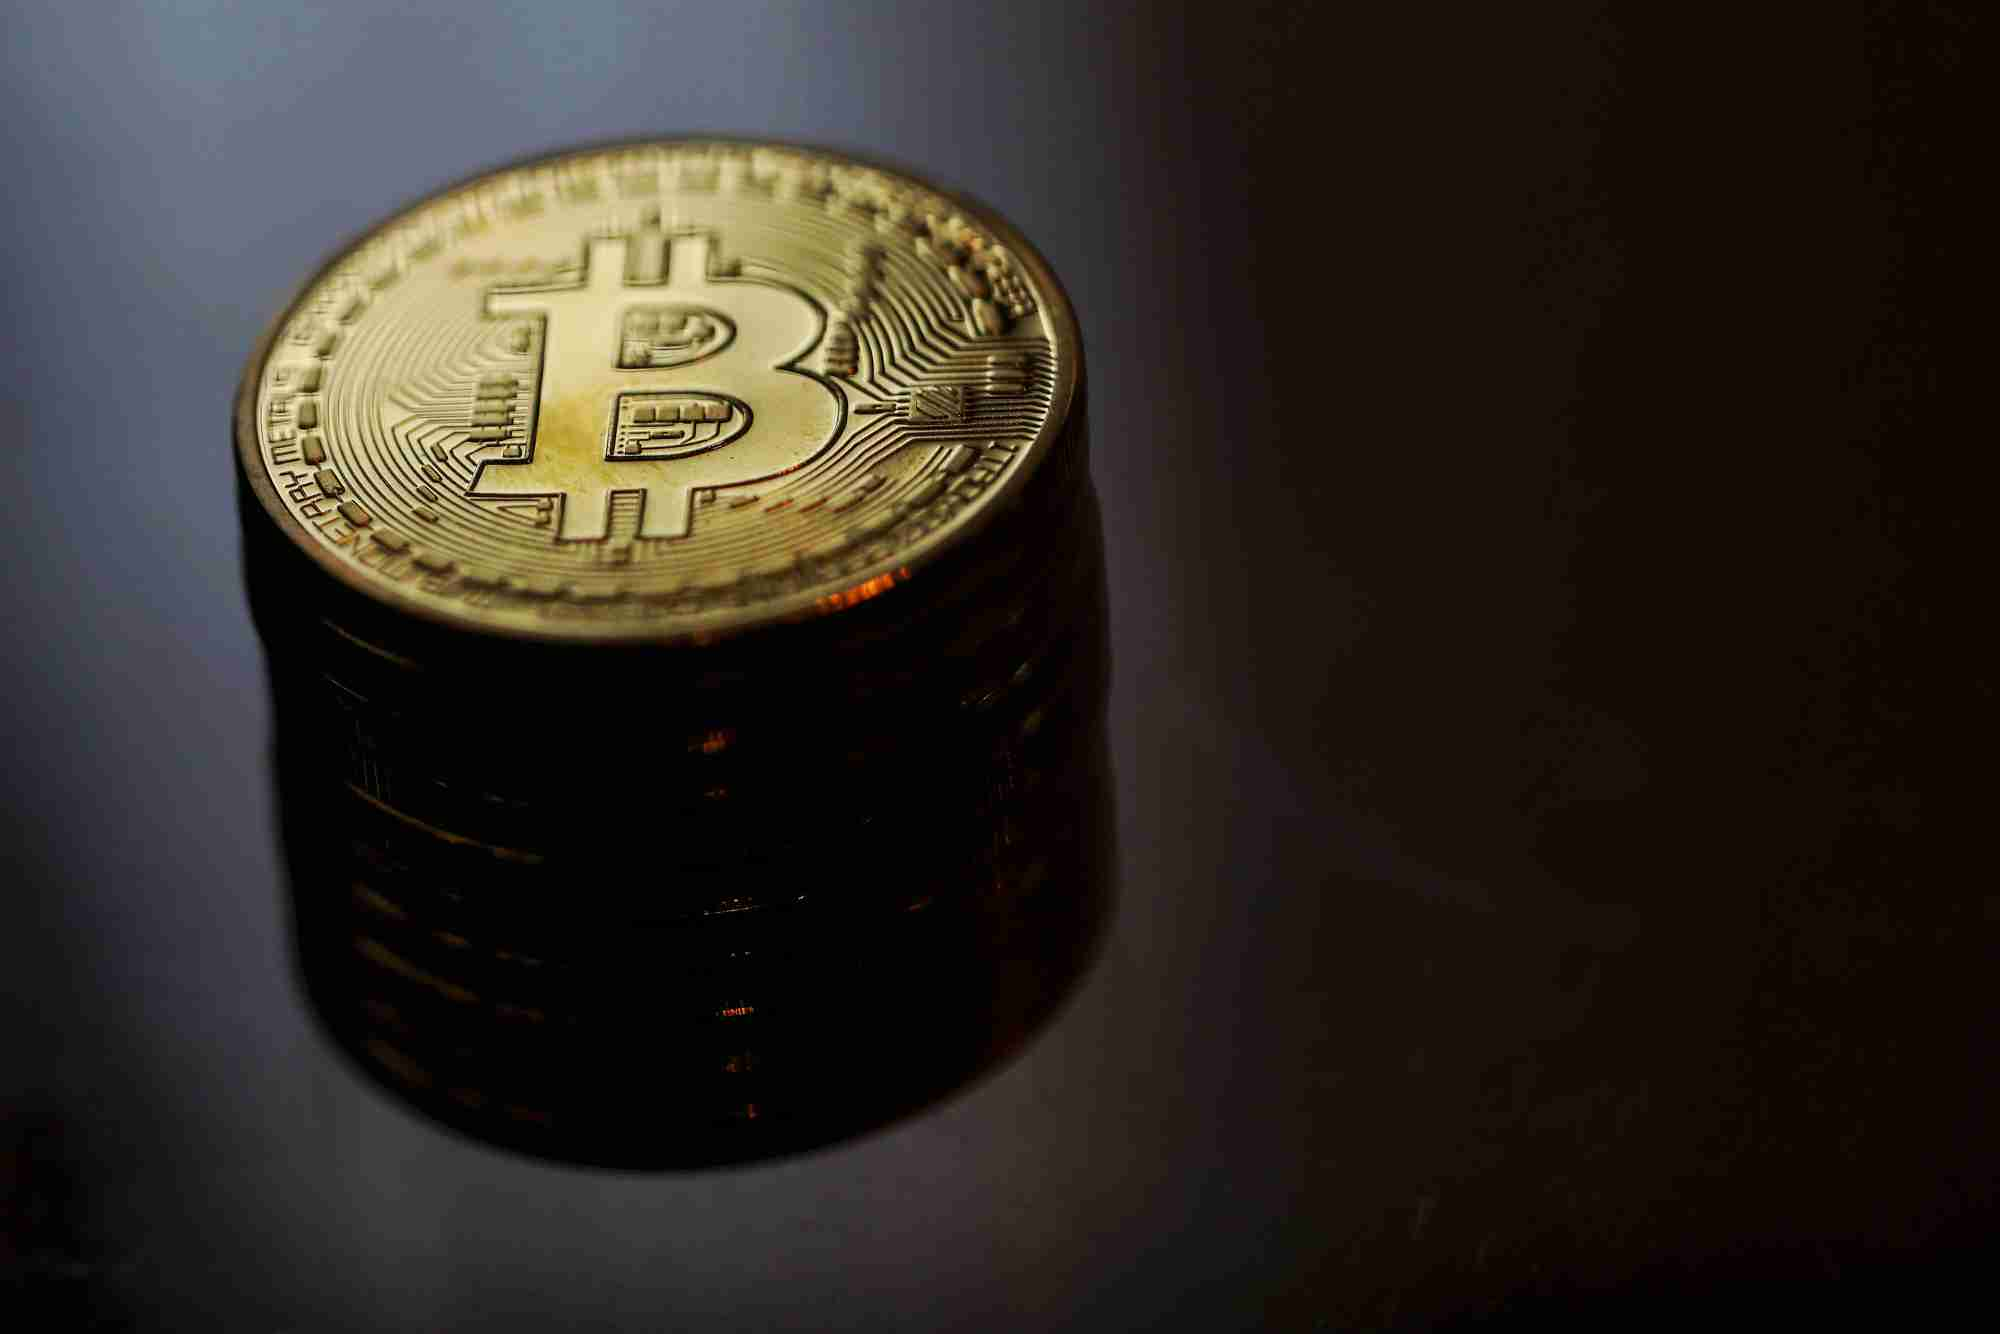 中国がビットコイン取引所禁止、店頭取引は容認へ-関係者 - Bloomberg